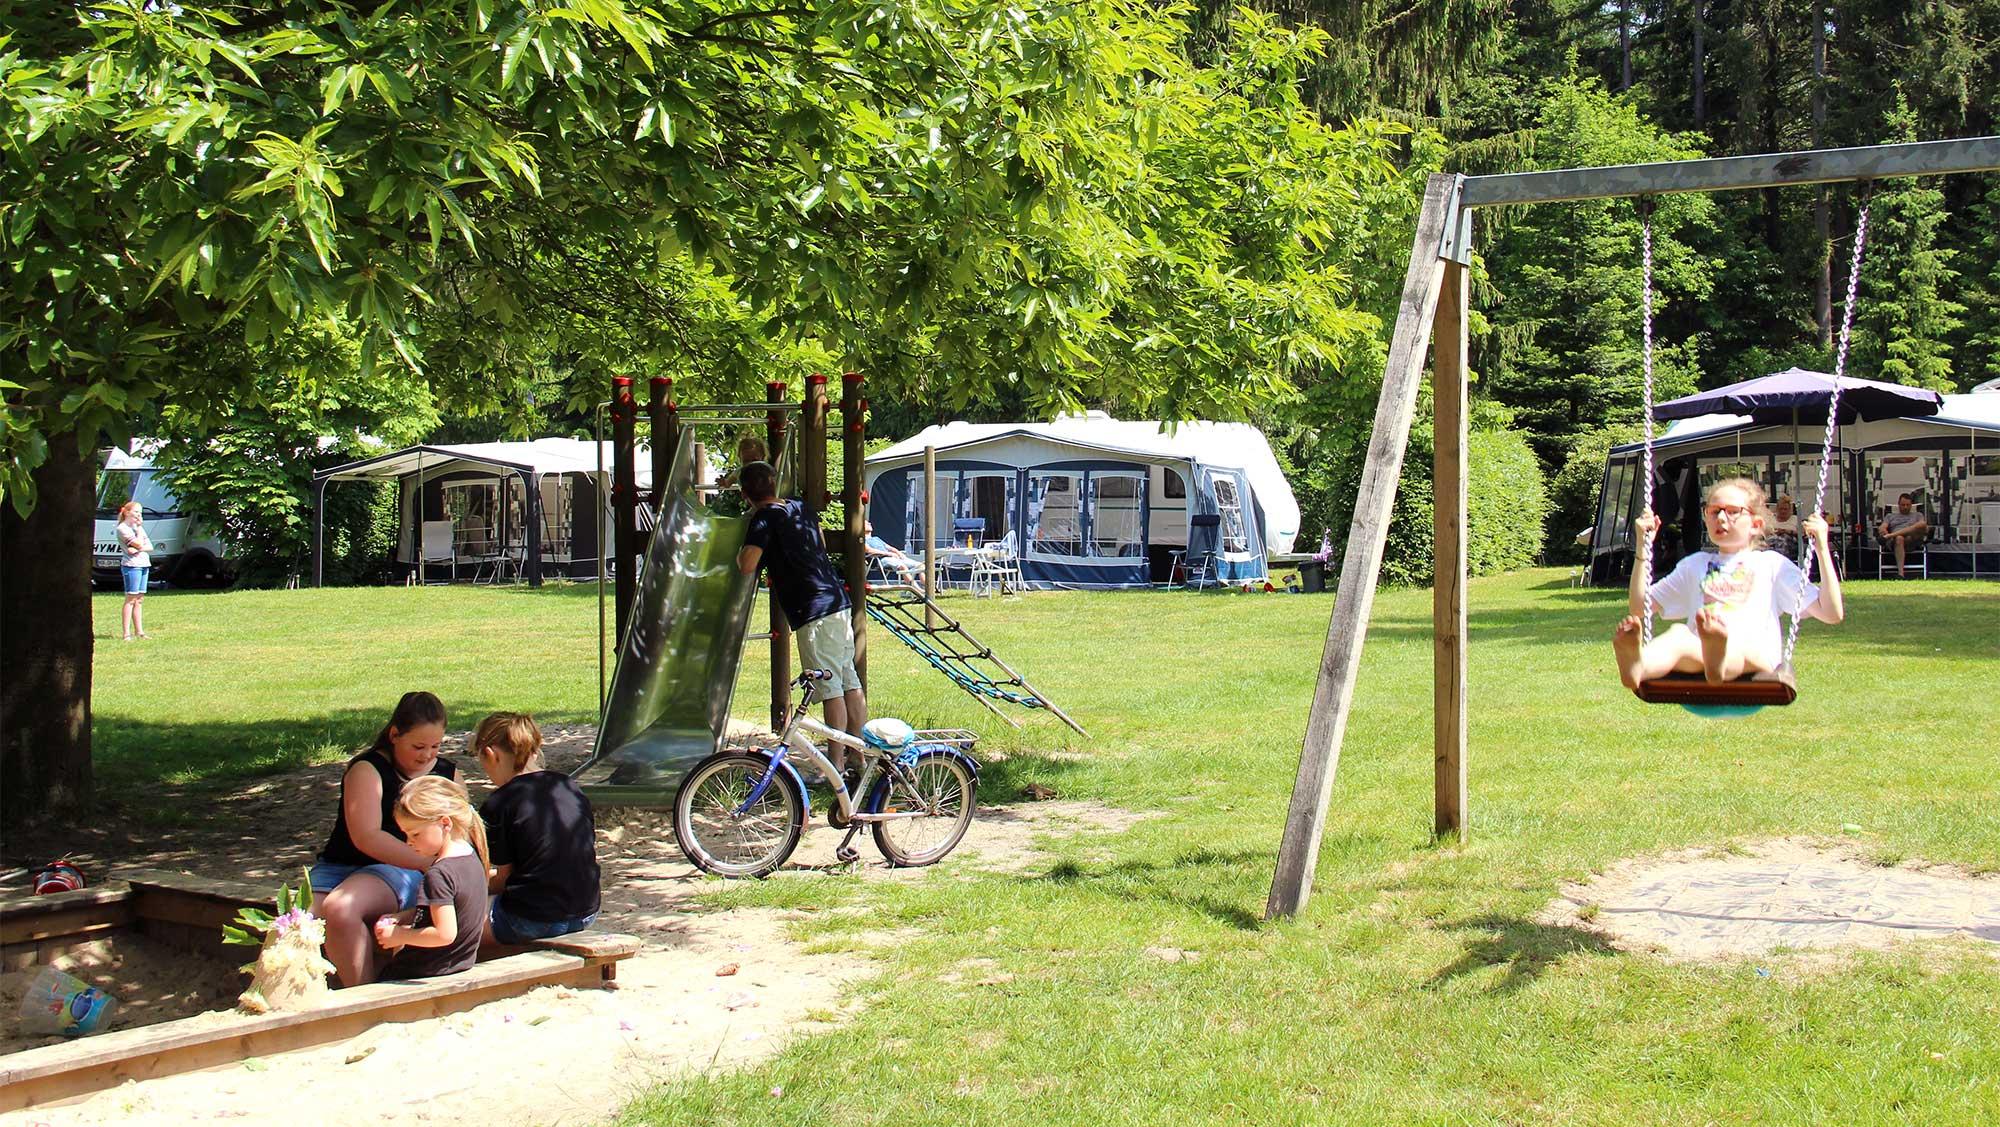 Basisplaats kamperen Molecaten Park Landgoed Molecaten 02